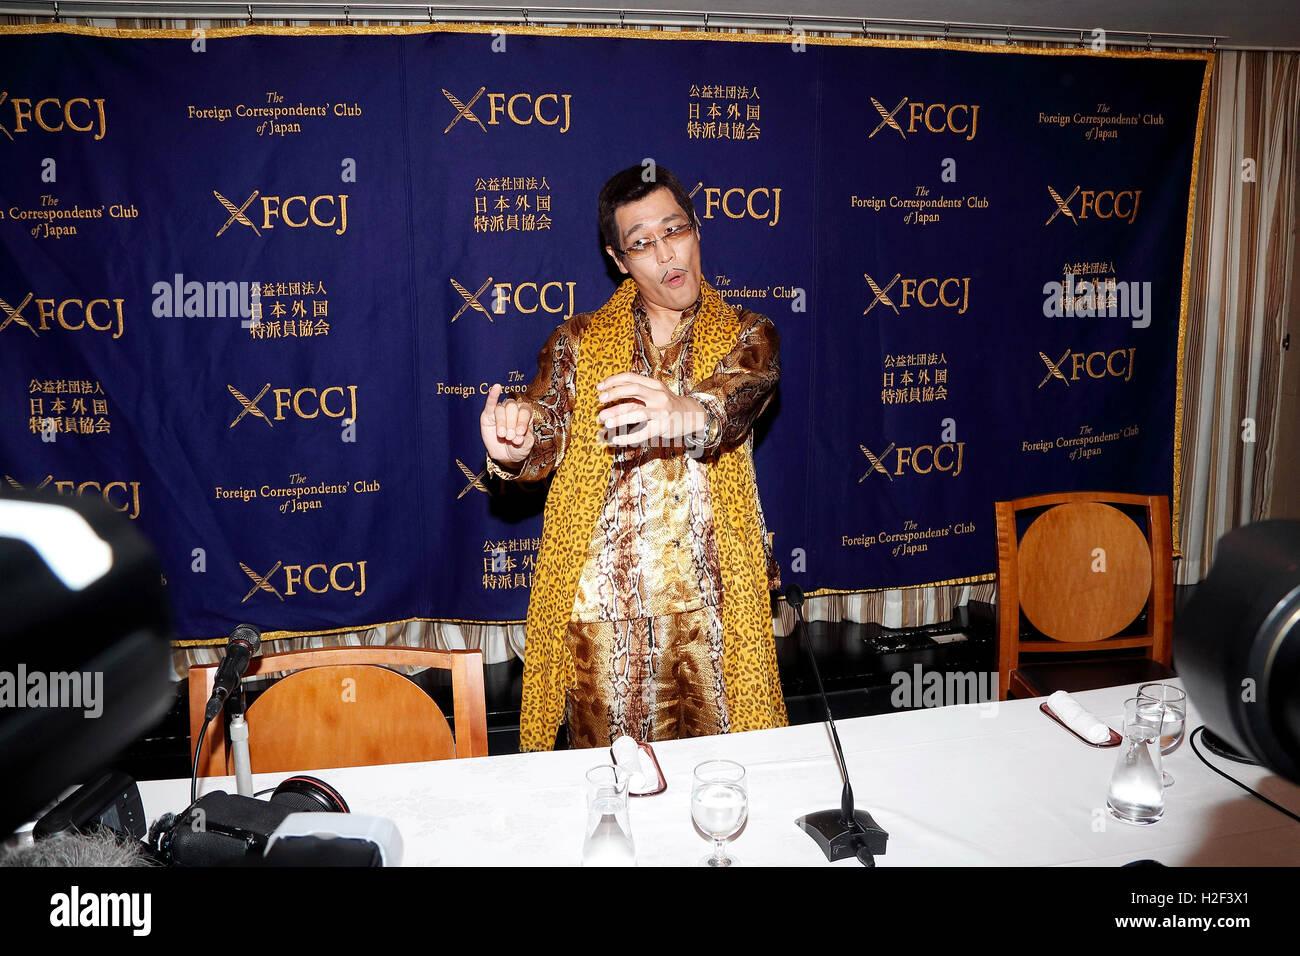 Tokyo, Japon. 28 octobre, 2016. Le comédien japonais Pikotaro Piko (Taro) pose pour les caméras au Club Photo Stock